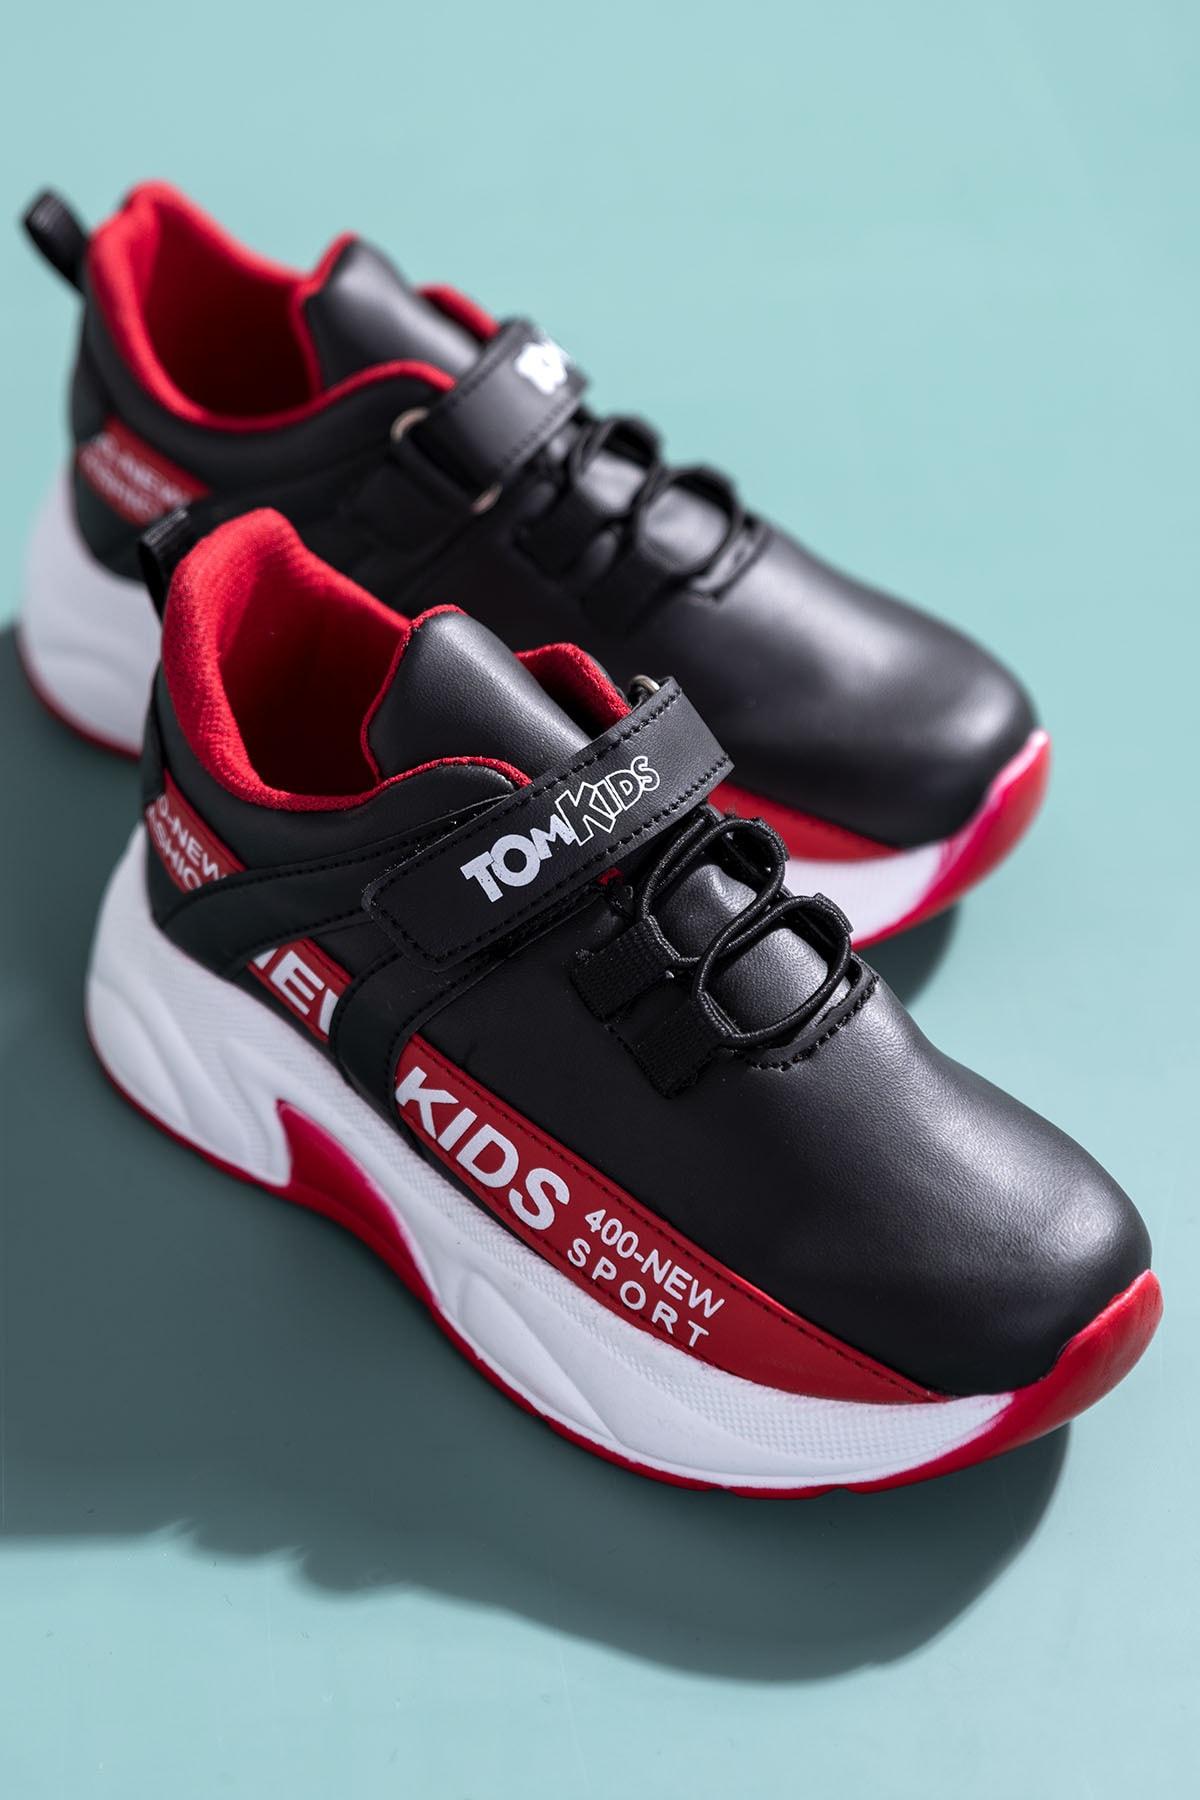 Tonny Black Siyah Kırmızı Çocuk Spor Ayakkabı Dg674 0